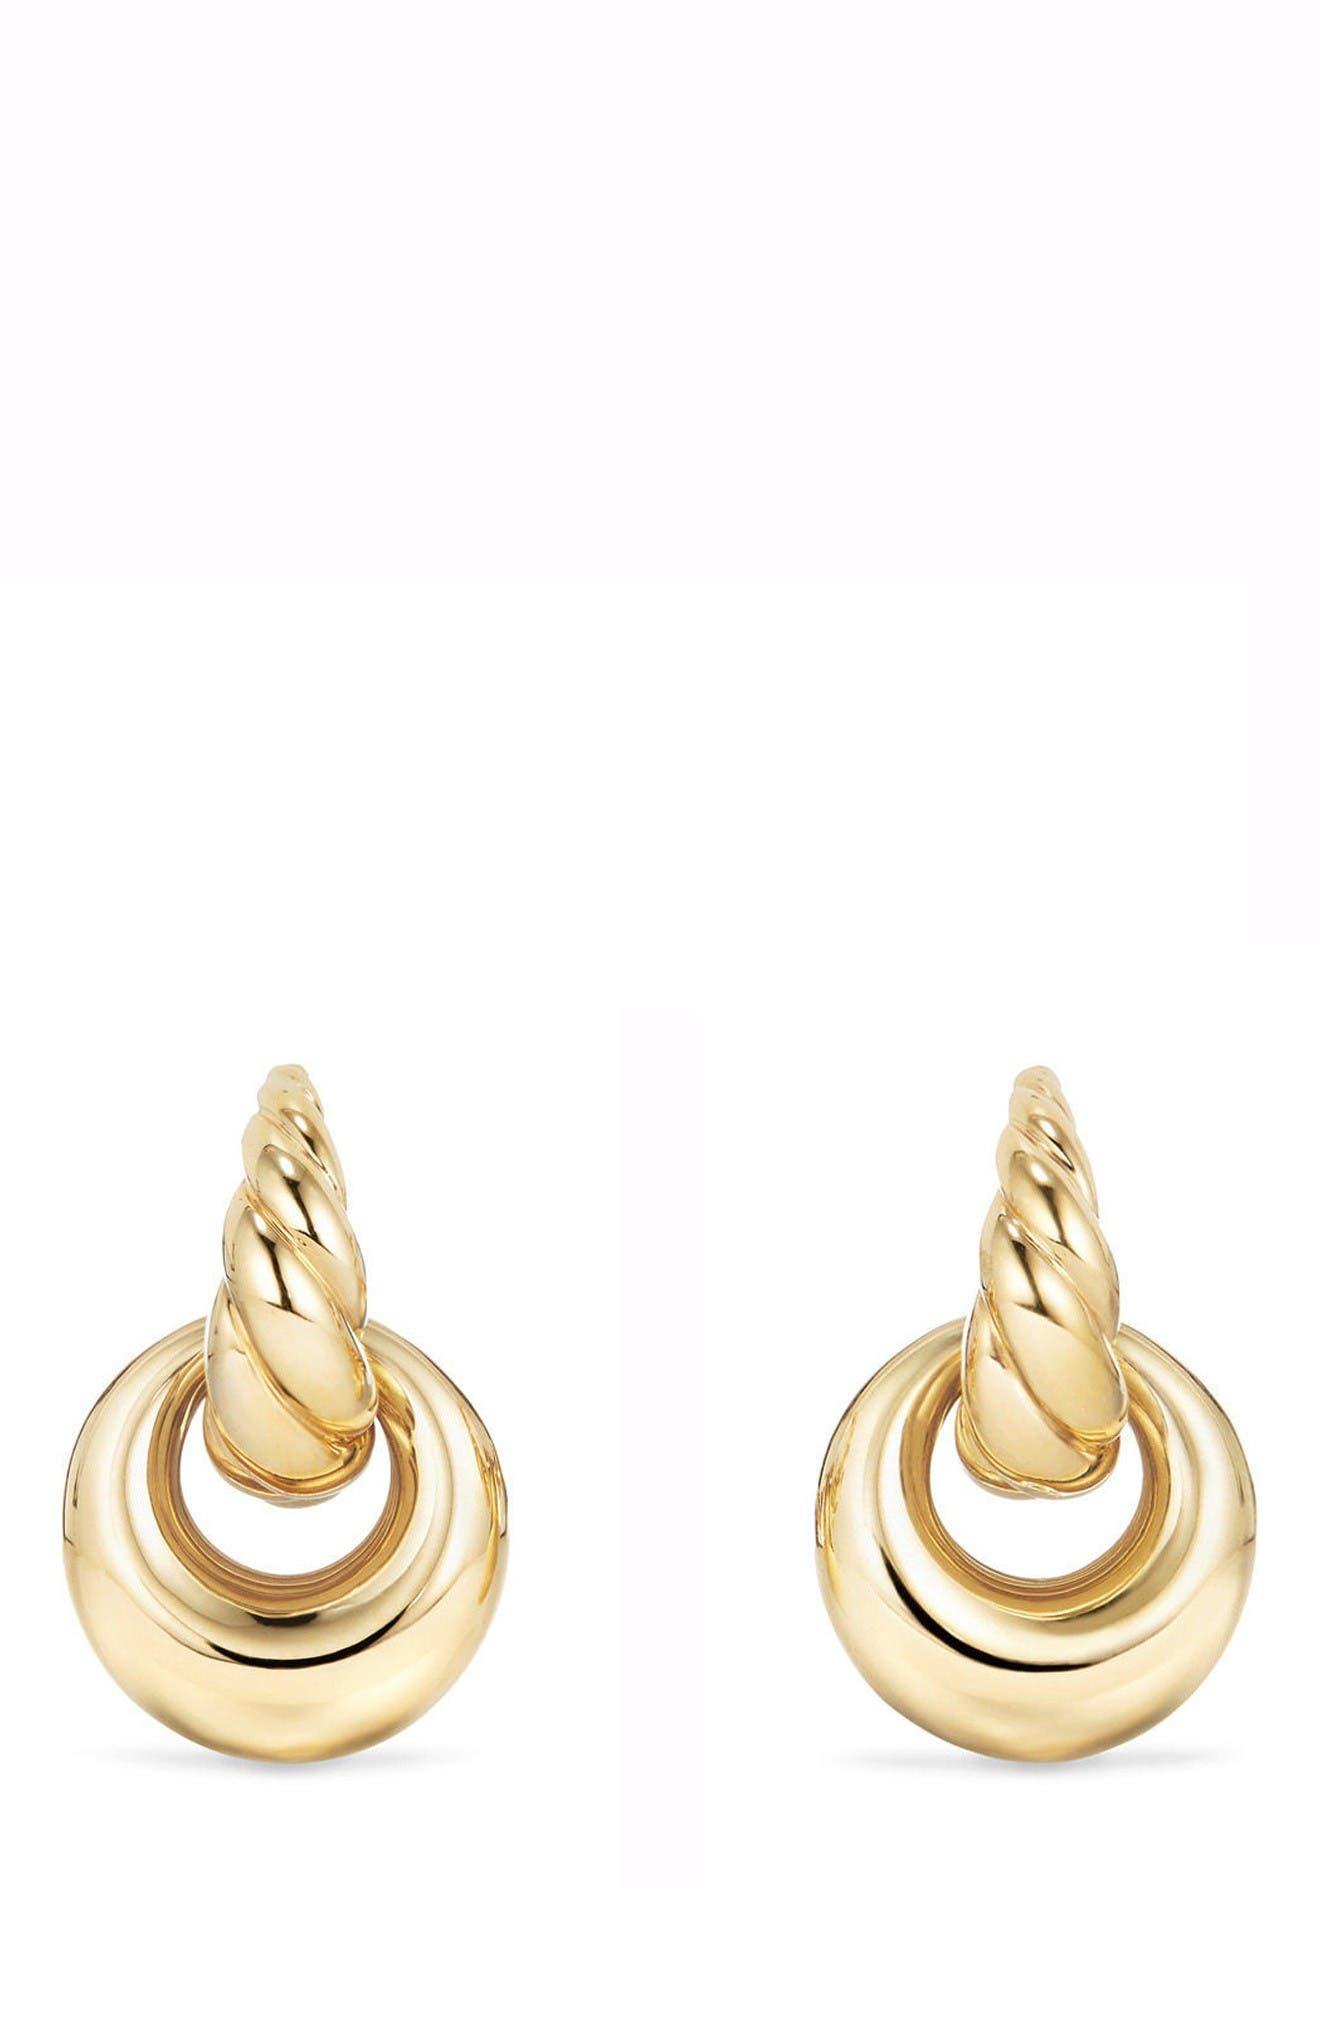 Main Image - David Yurman Pure Form® Drop Earrings in 18K Yellow Gold